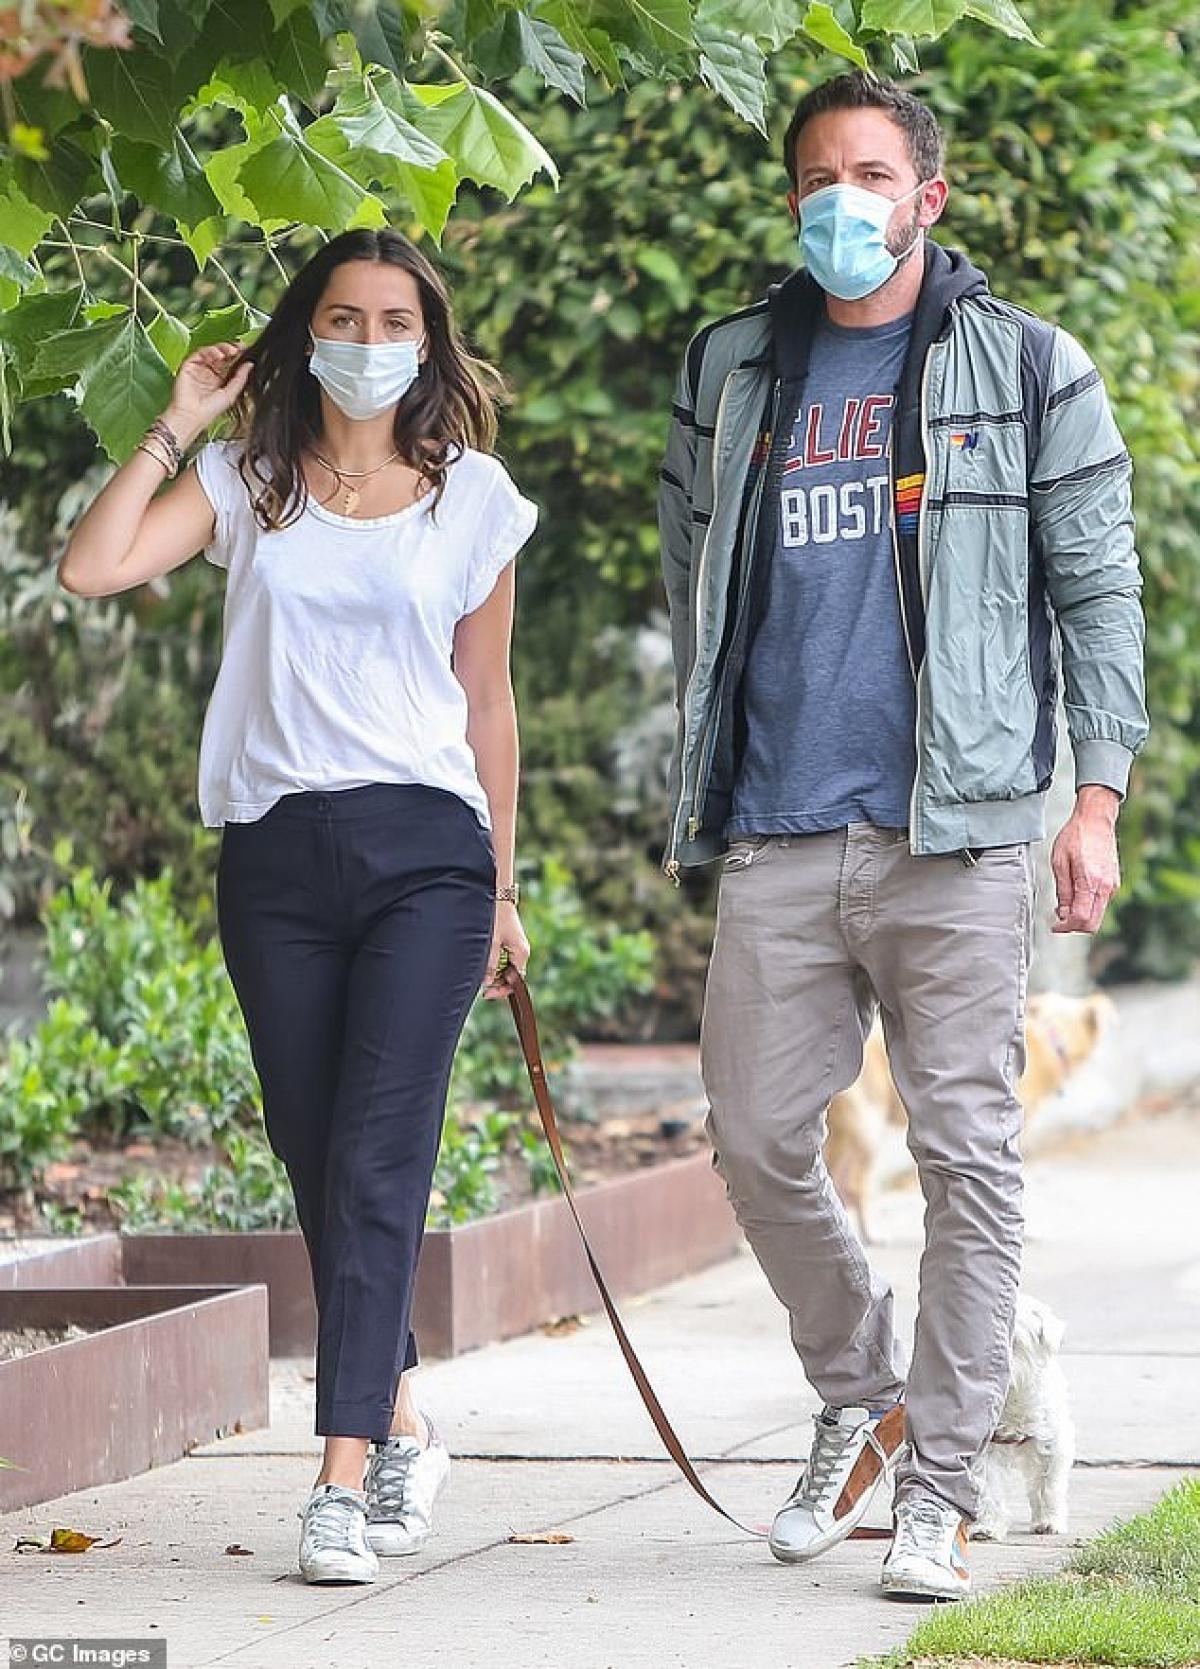 Ana de Armas và Ben Affleck được cho là chia tay trong êm đẹp. Lý do Ana de Armas và Ben Affleck chia tay vì nữ diễn viên trẻ không muốn định cư ở Los Angeles, trong khi bạn trai cô muốn sống ở đây vì các con của anh./.